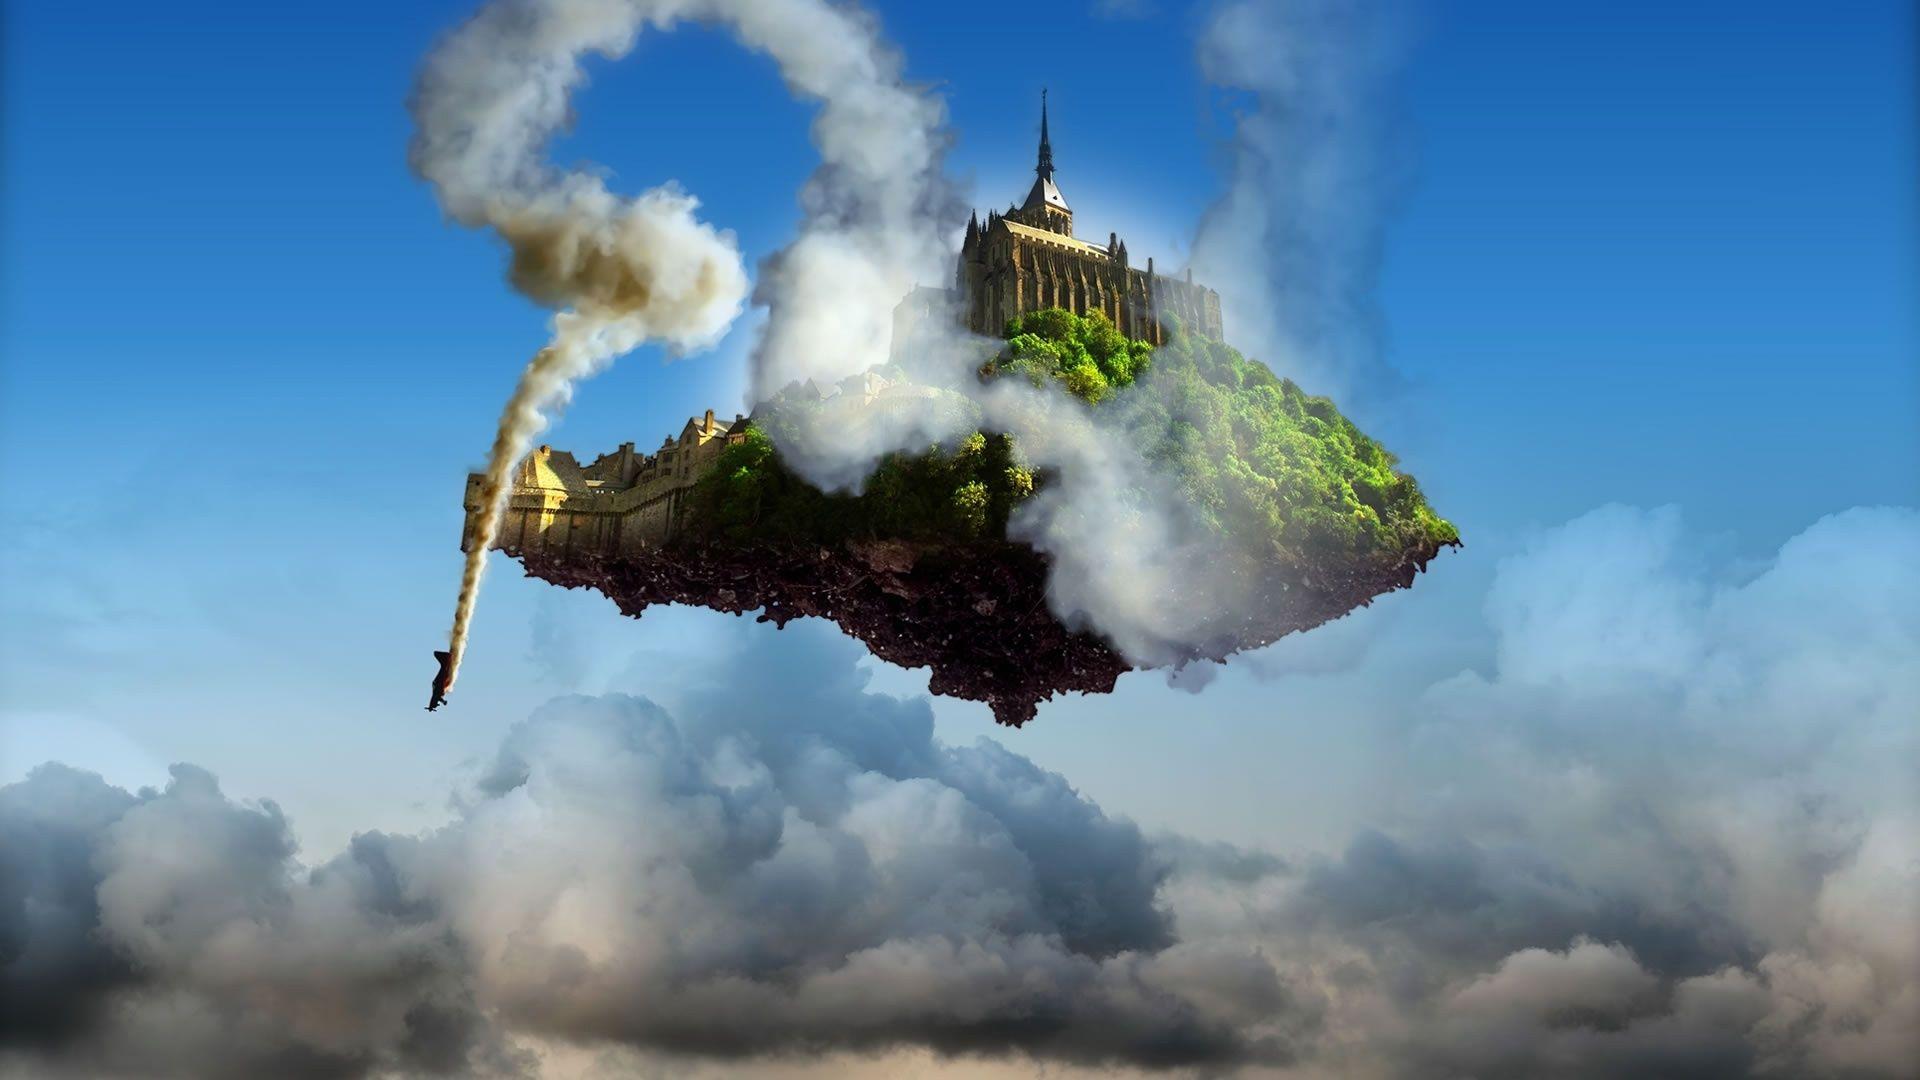 3D Landscape Amazing 3D Fantasy picture nr 60685 1920x1080